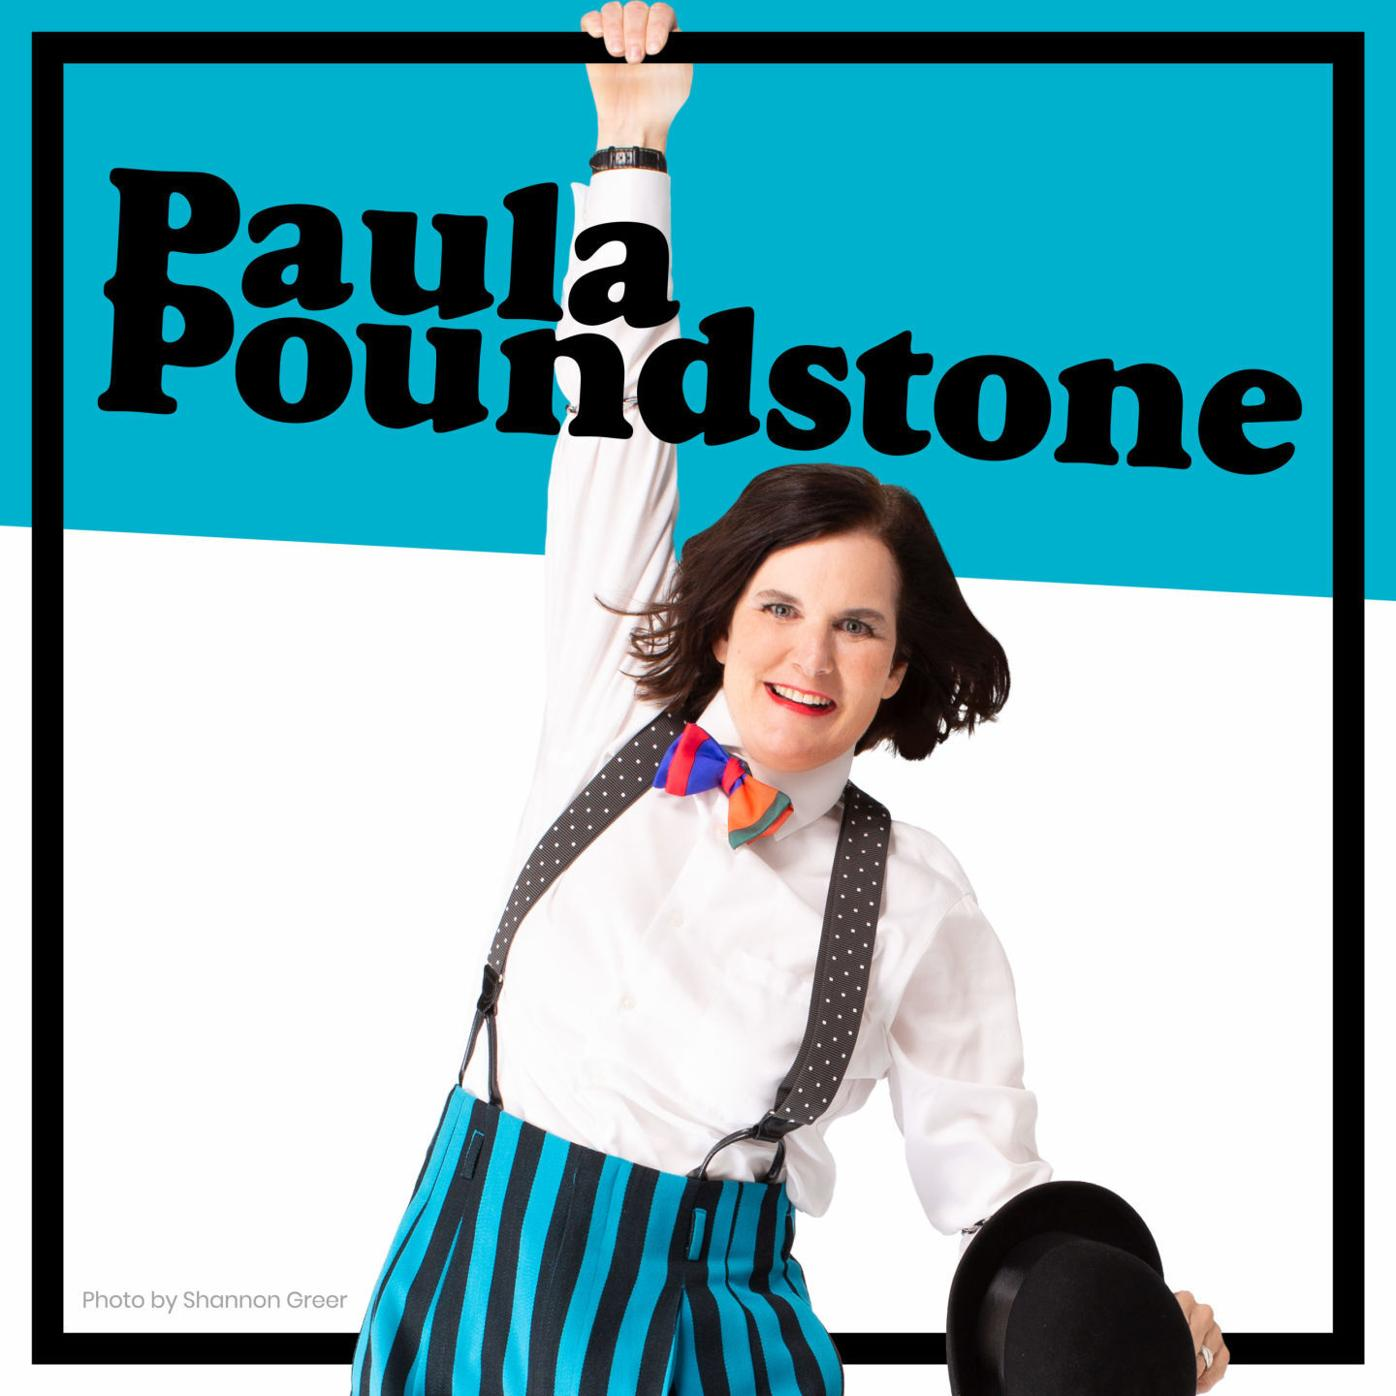 Paula_Name_Square-scaled.jpg